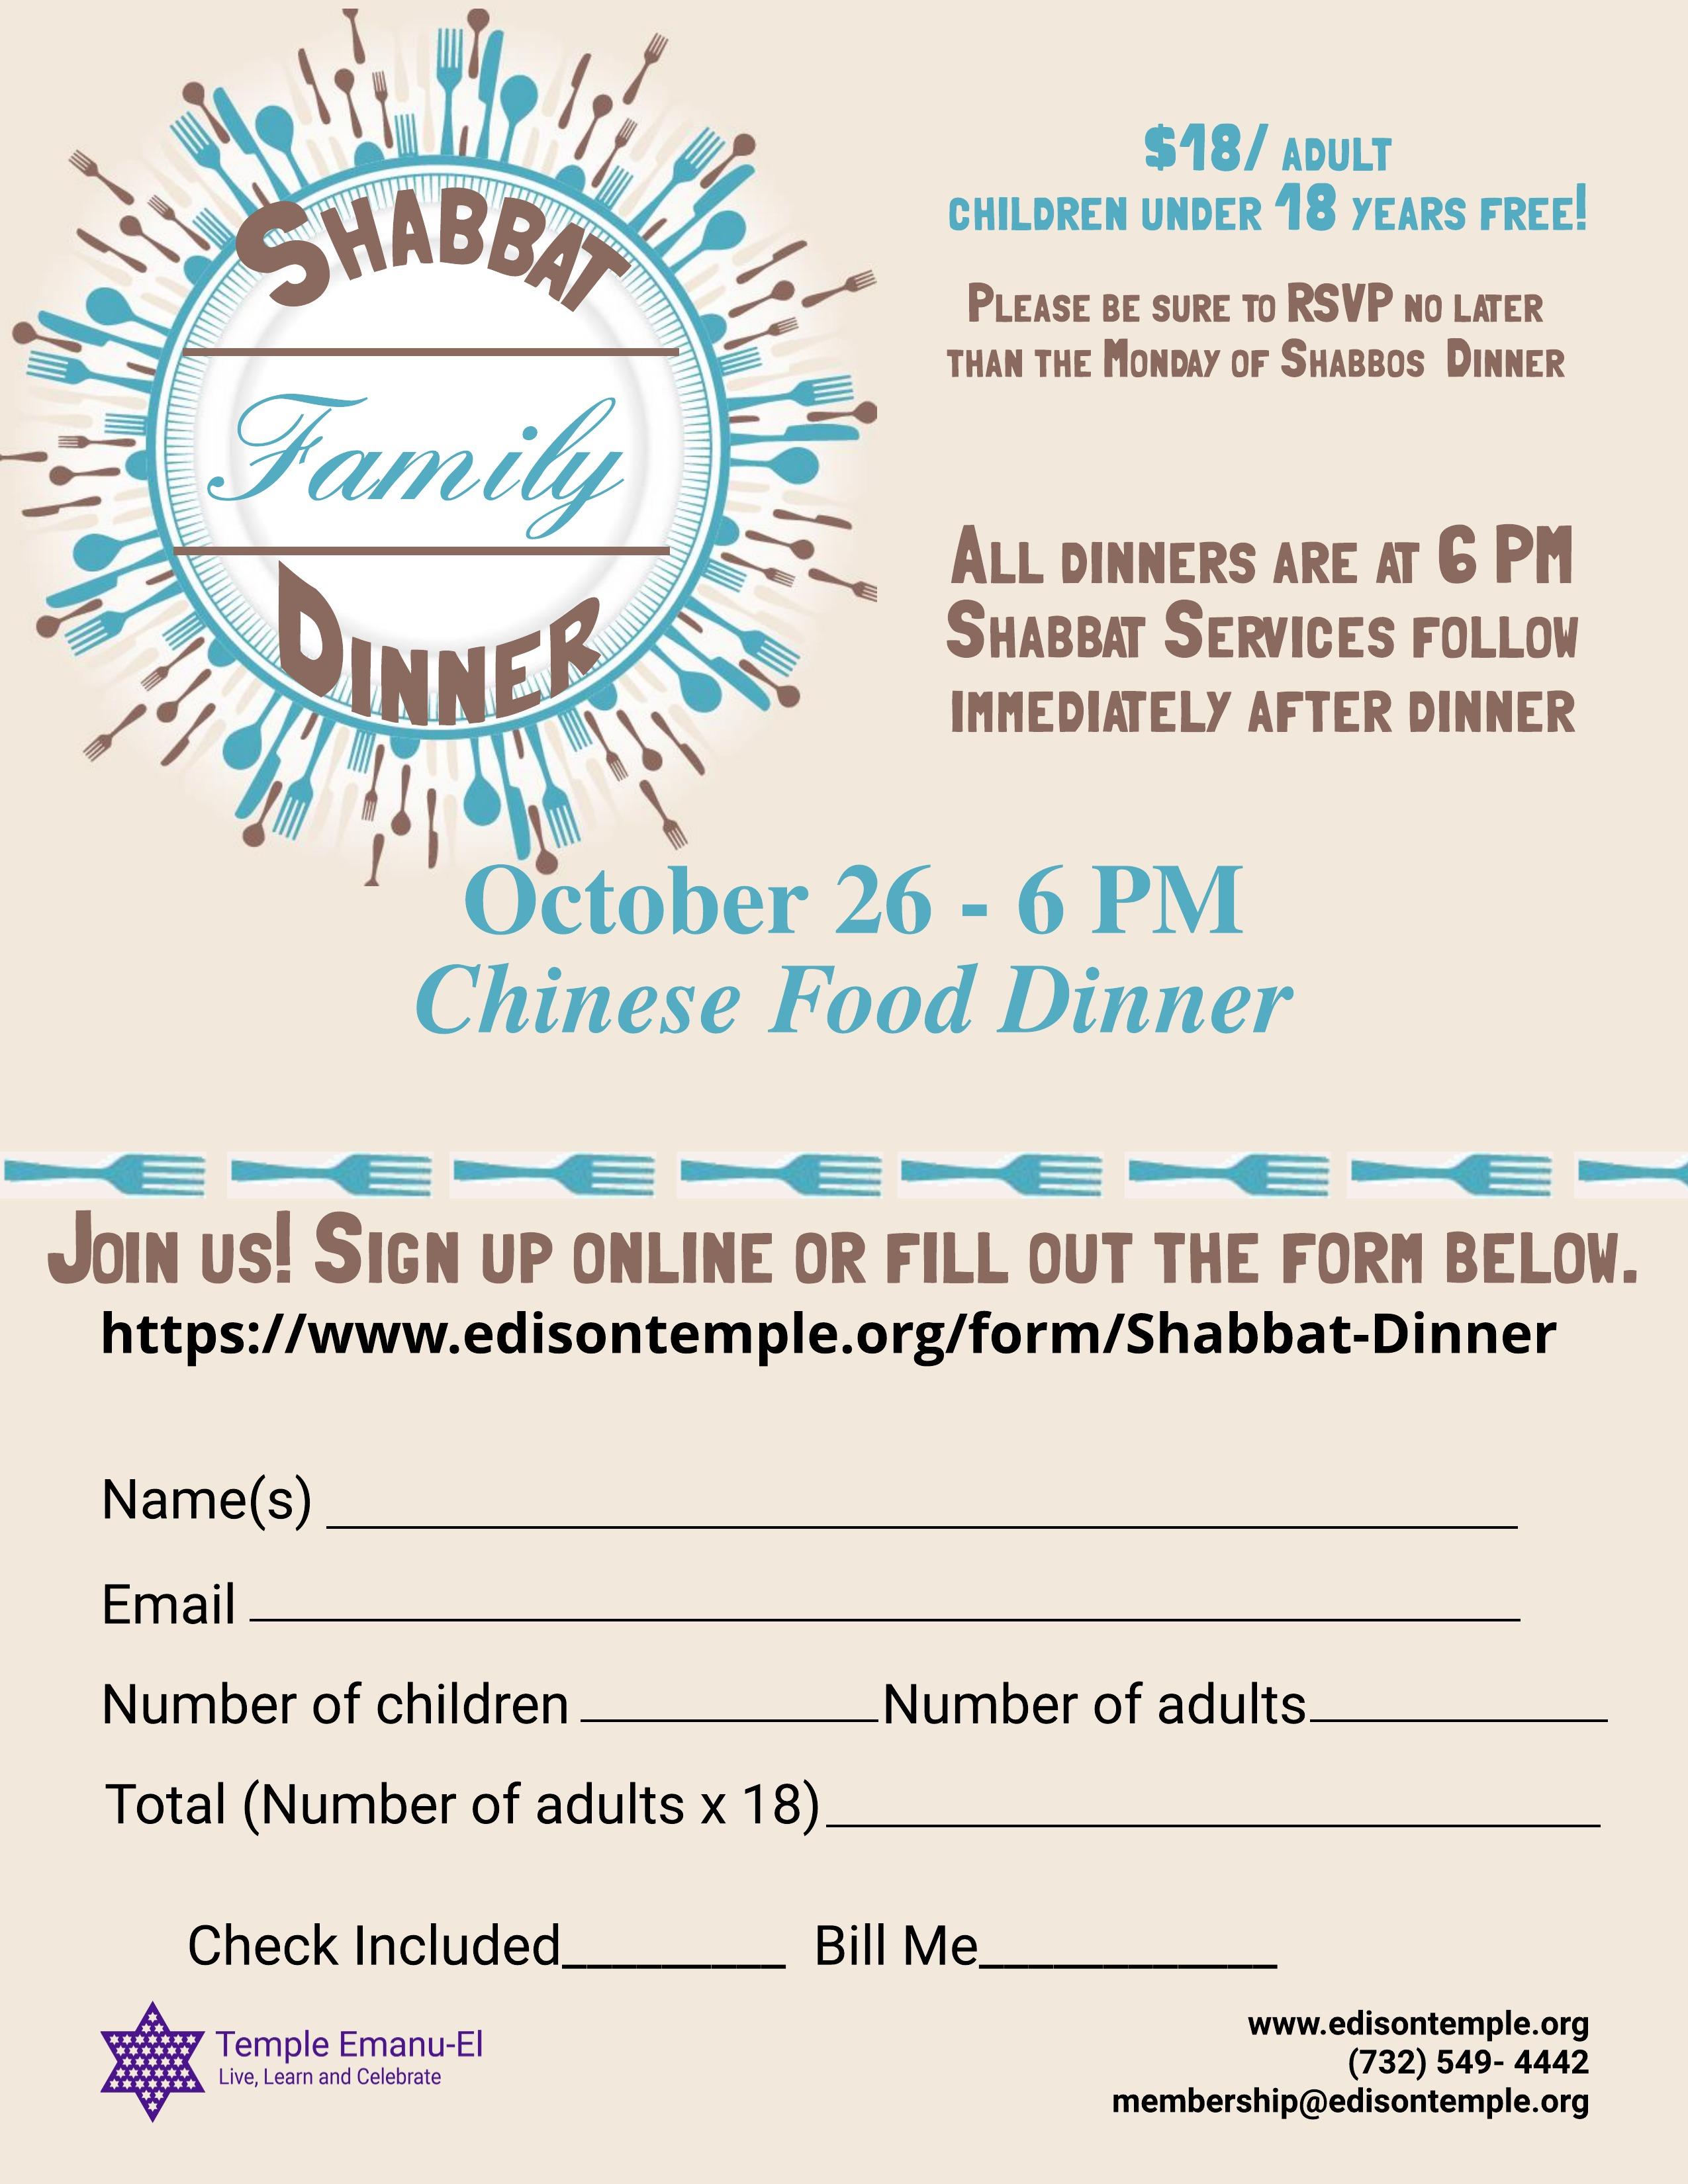 New-of-family-dinner-1